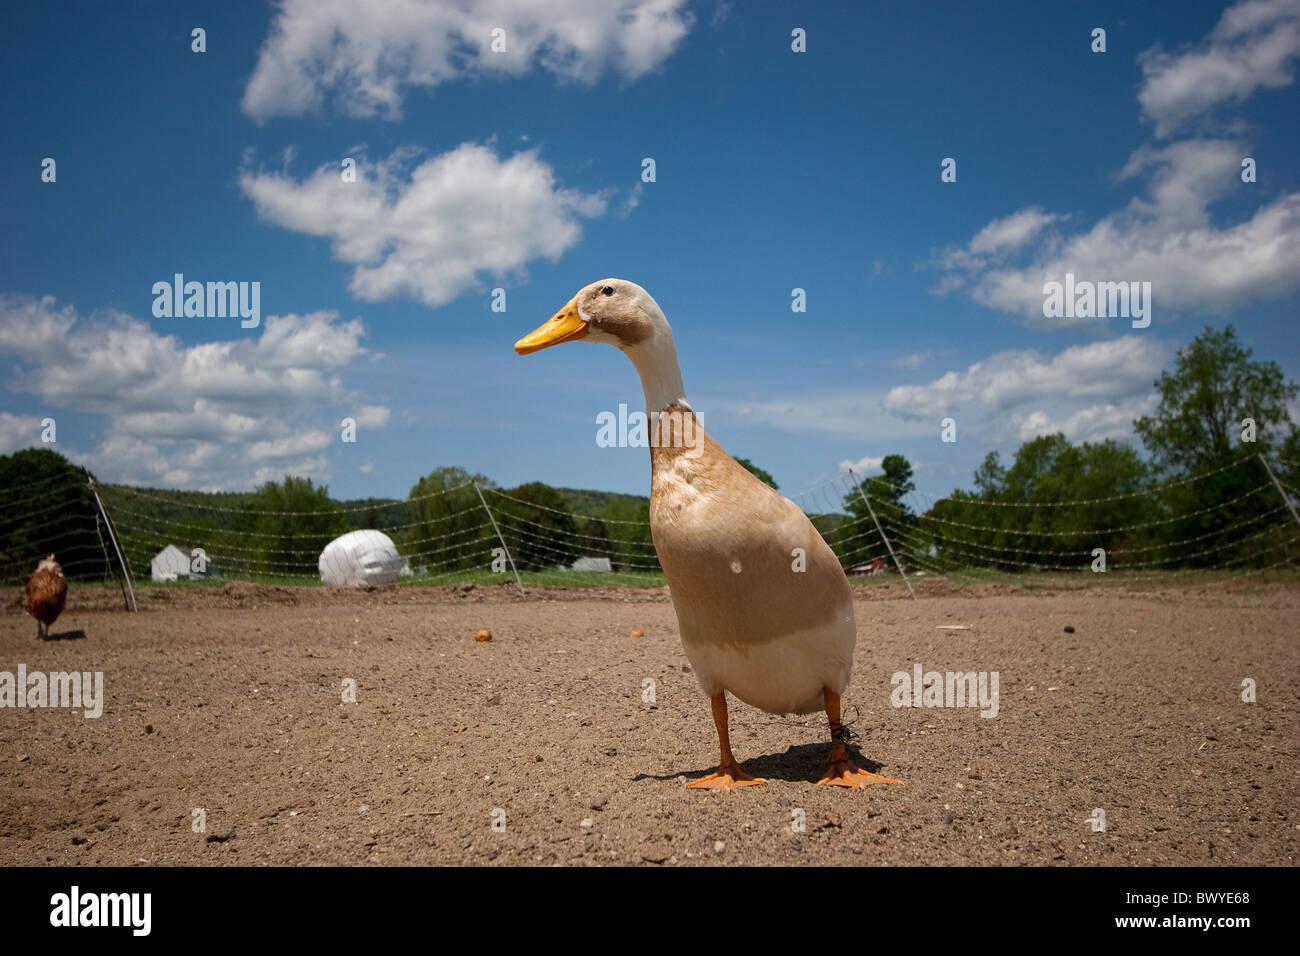 Duck in outdoor pen in barnyard on poultry farm Stock Photo